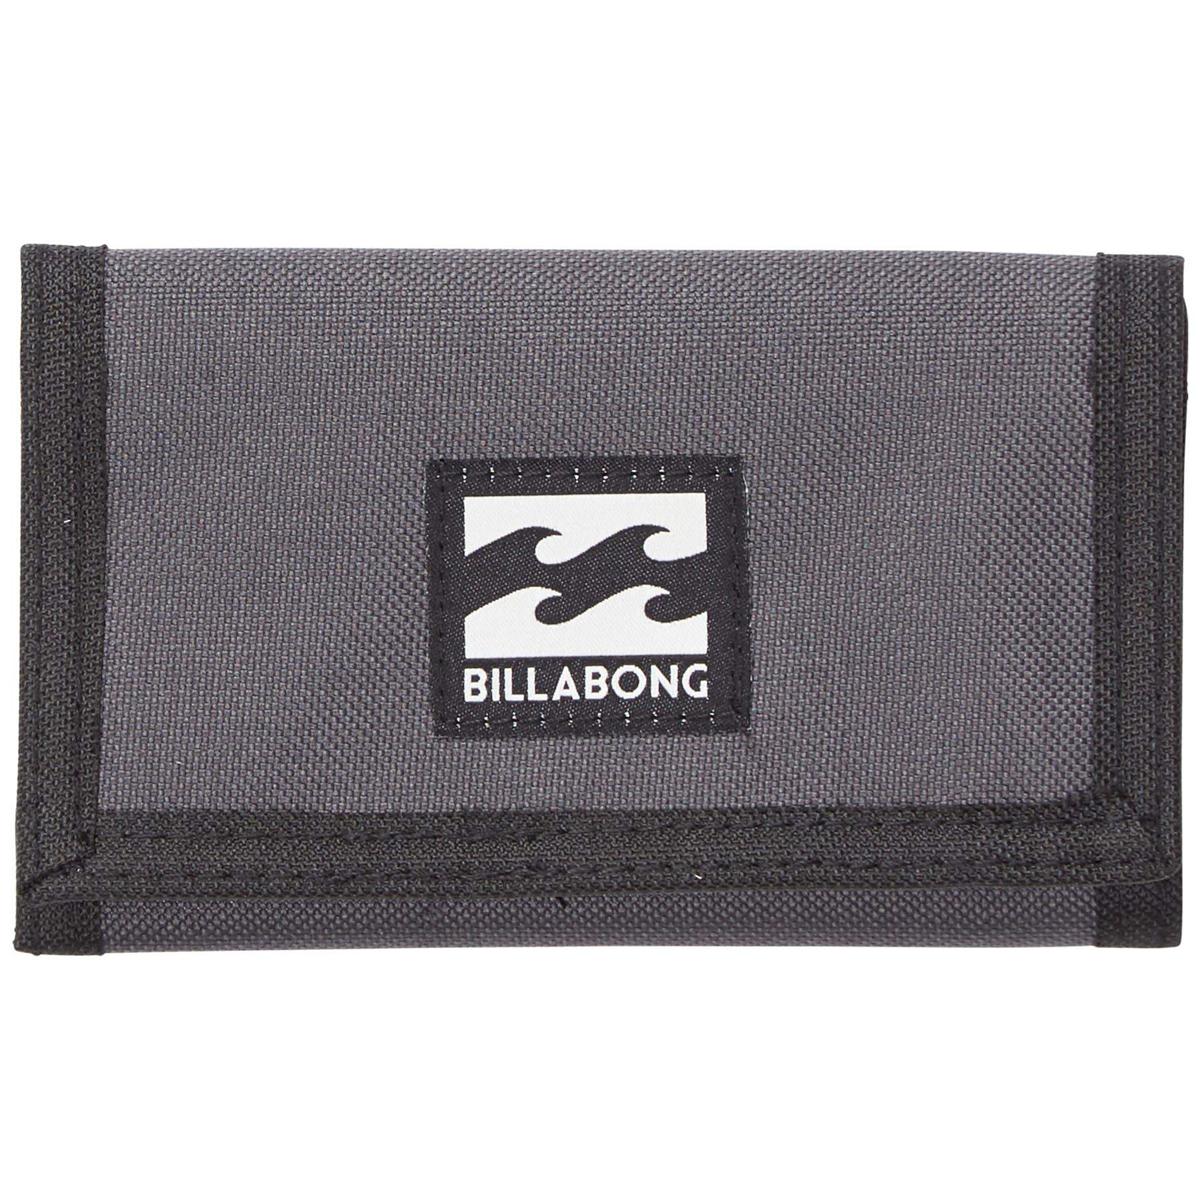 Кошелек дорожный Billabong Atom Wallet, цвет: темно-серый , 1 л. Z5WL02RivaCase 8460 blackКлассический тряпичный кошелек с новыми расцветками от Billabong.